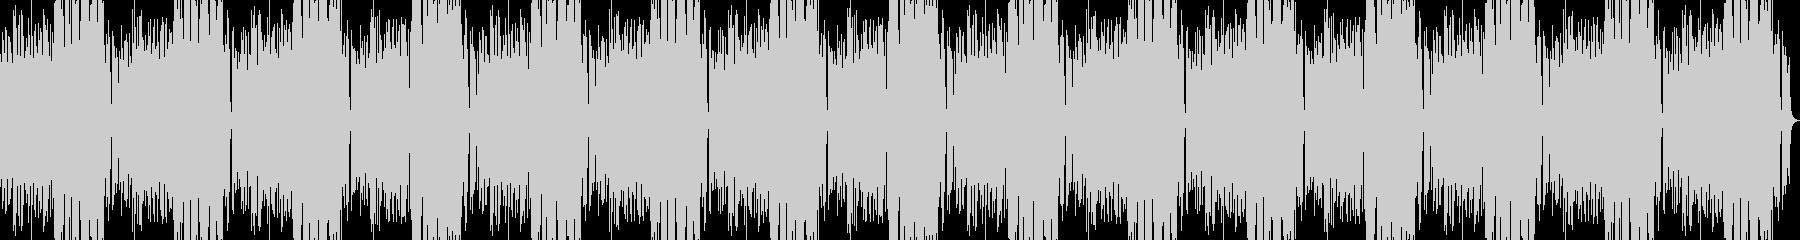 企業VP13 27分バージョンの未再生の波形